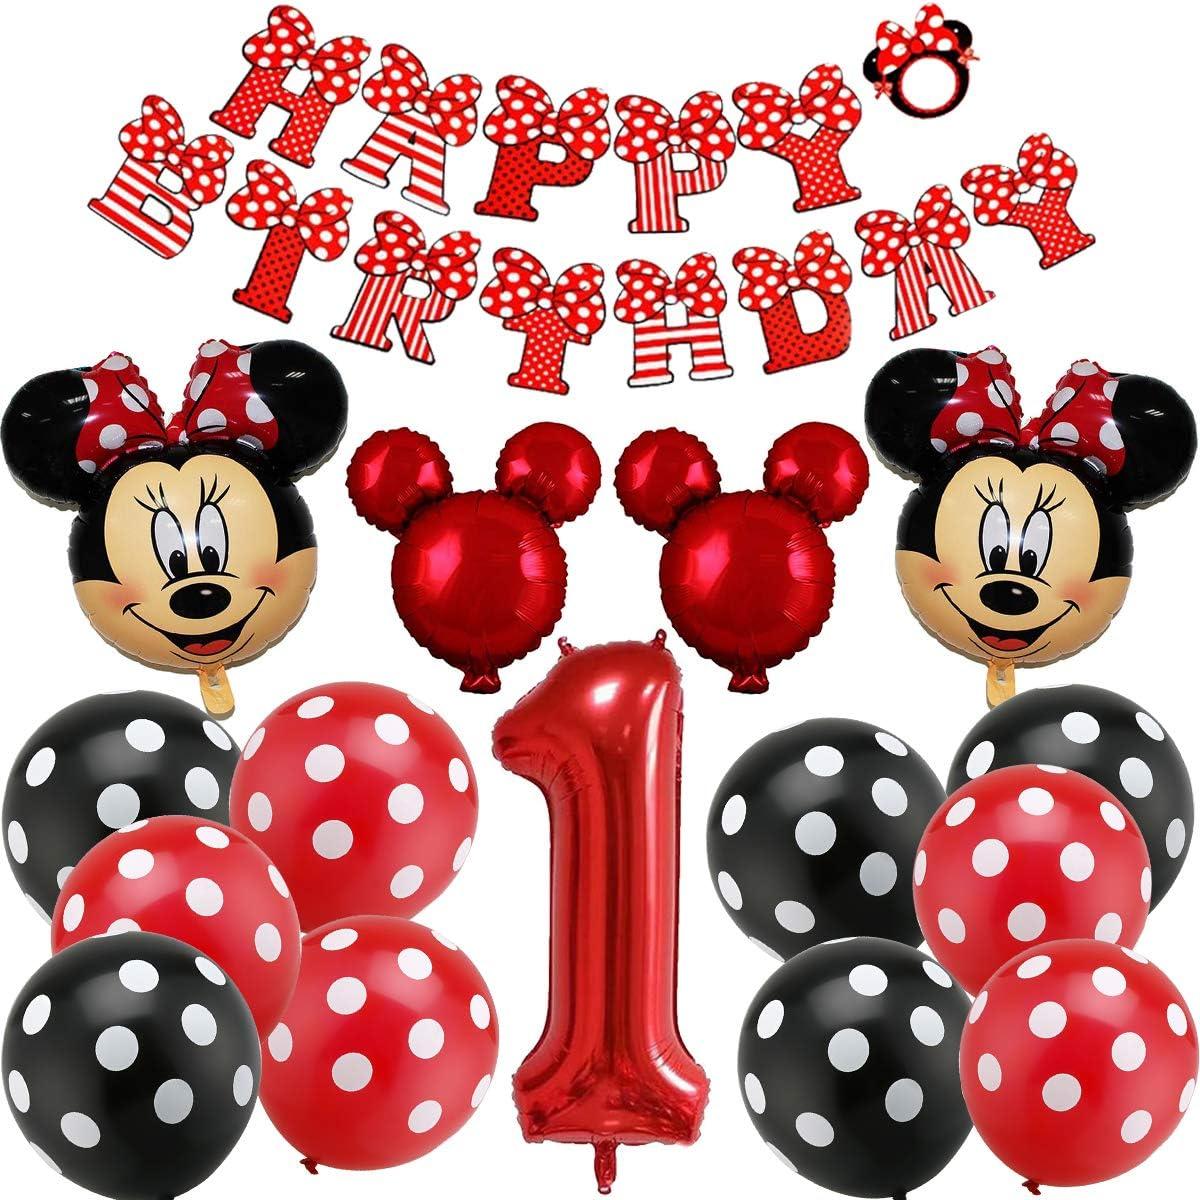 Decoraciones de cumpleaños de Mickey Mouse, BESTZY Globos número para la Fiesta Temática de Mickey Mouse Artículos de Fiesta de Mickey y Minnie para Primer Cumpleaños